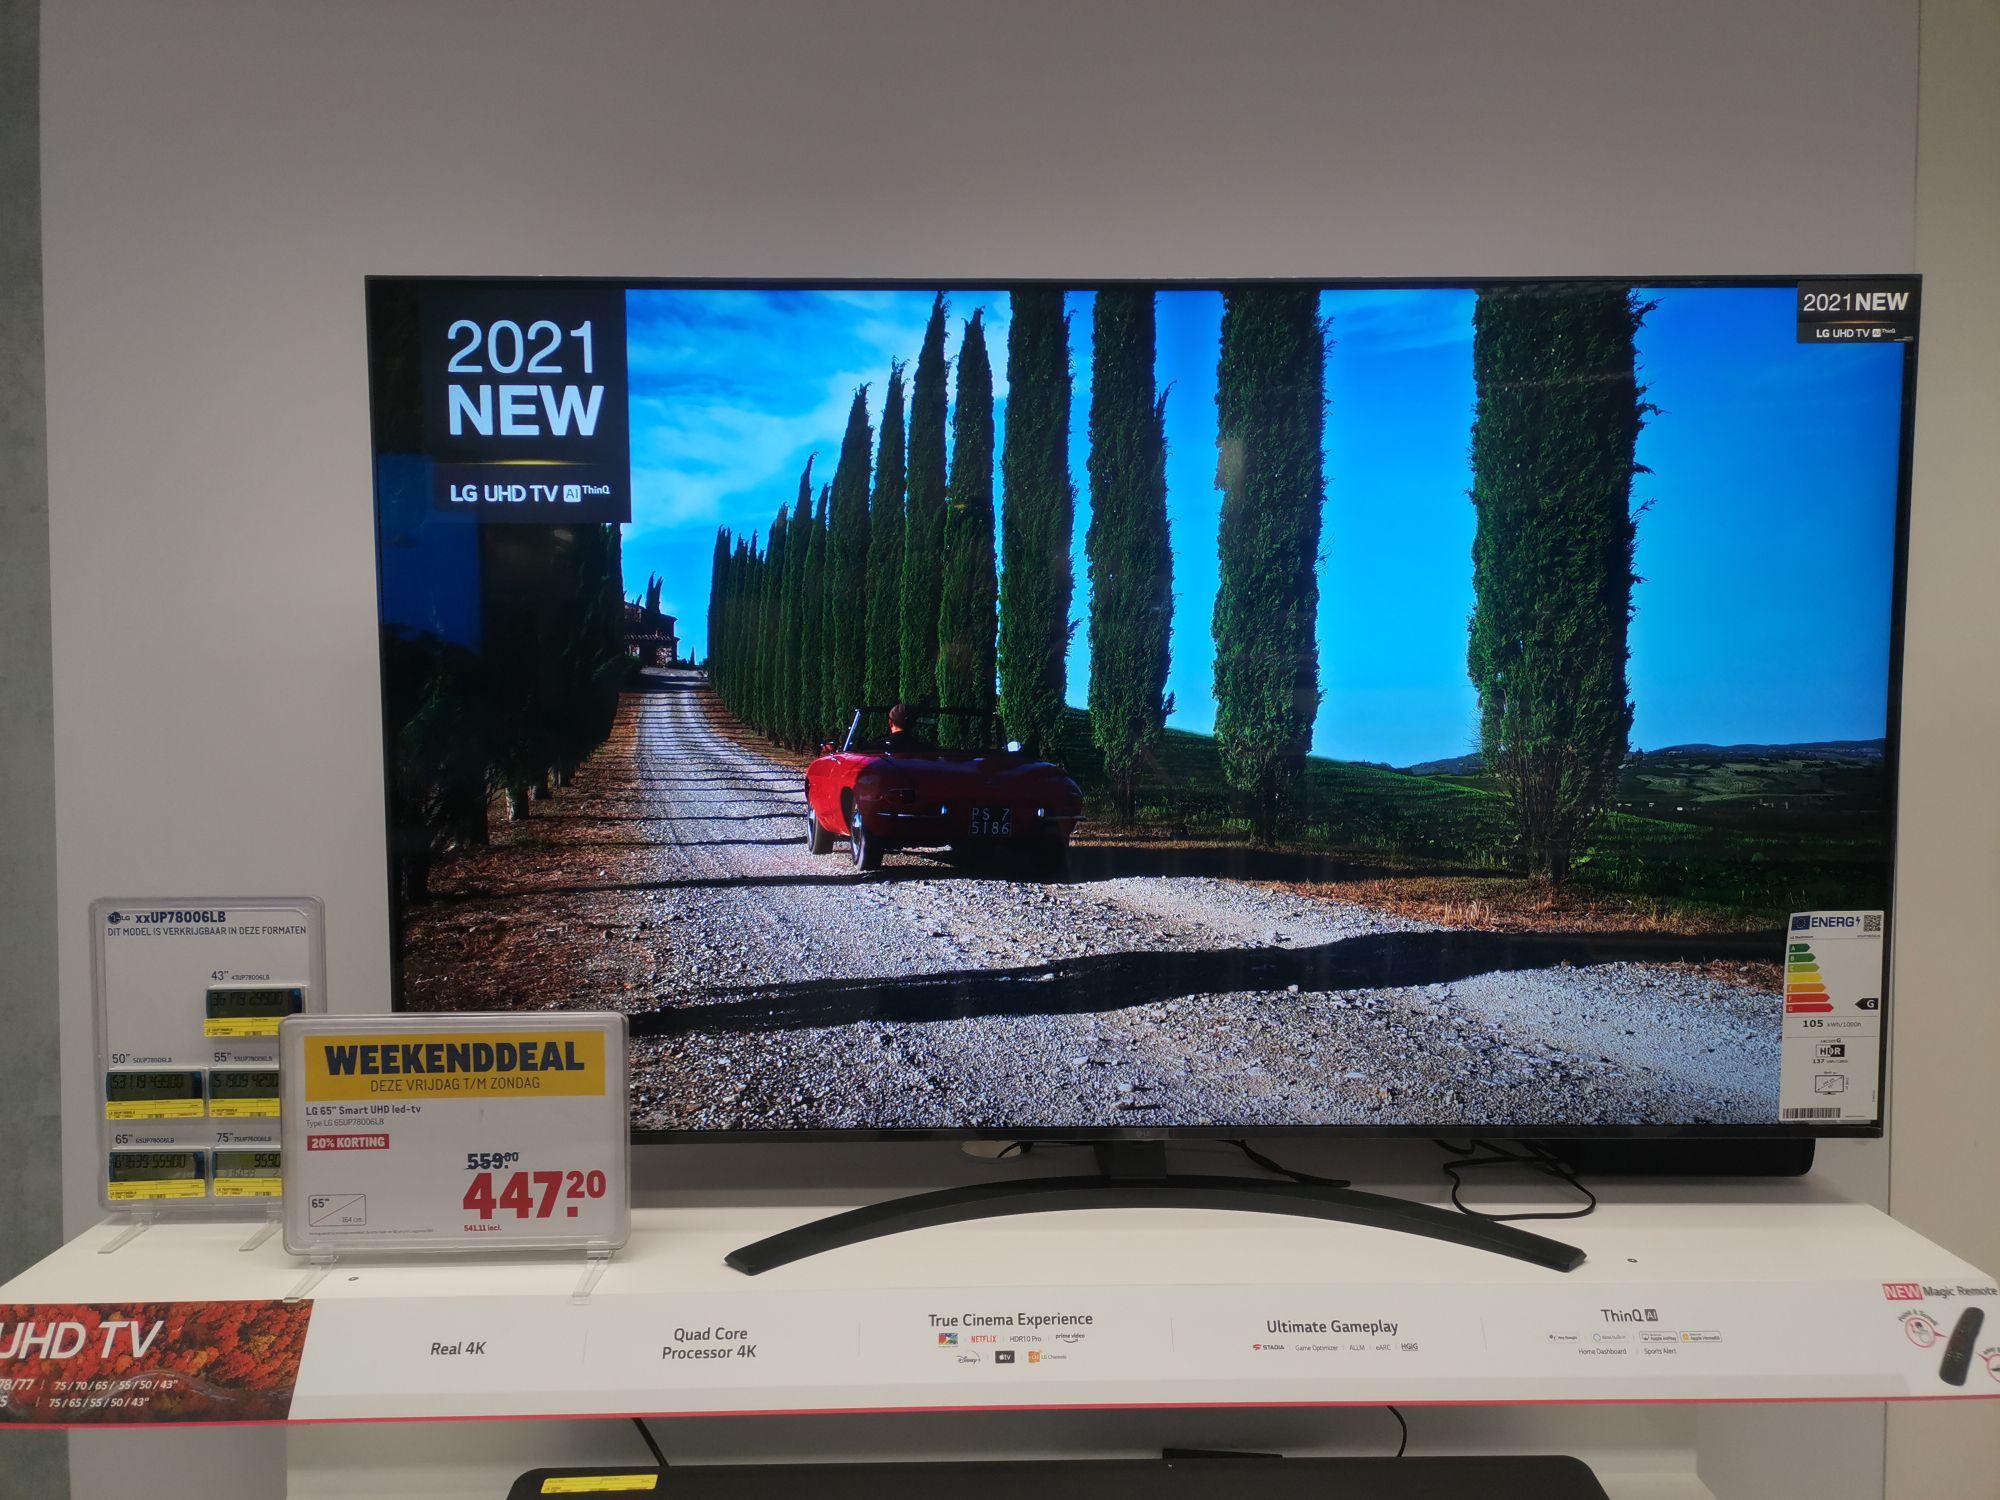 LG 65 smart UHD led tv